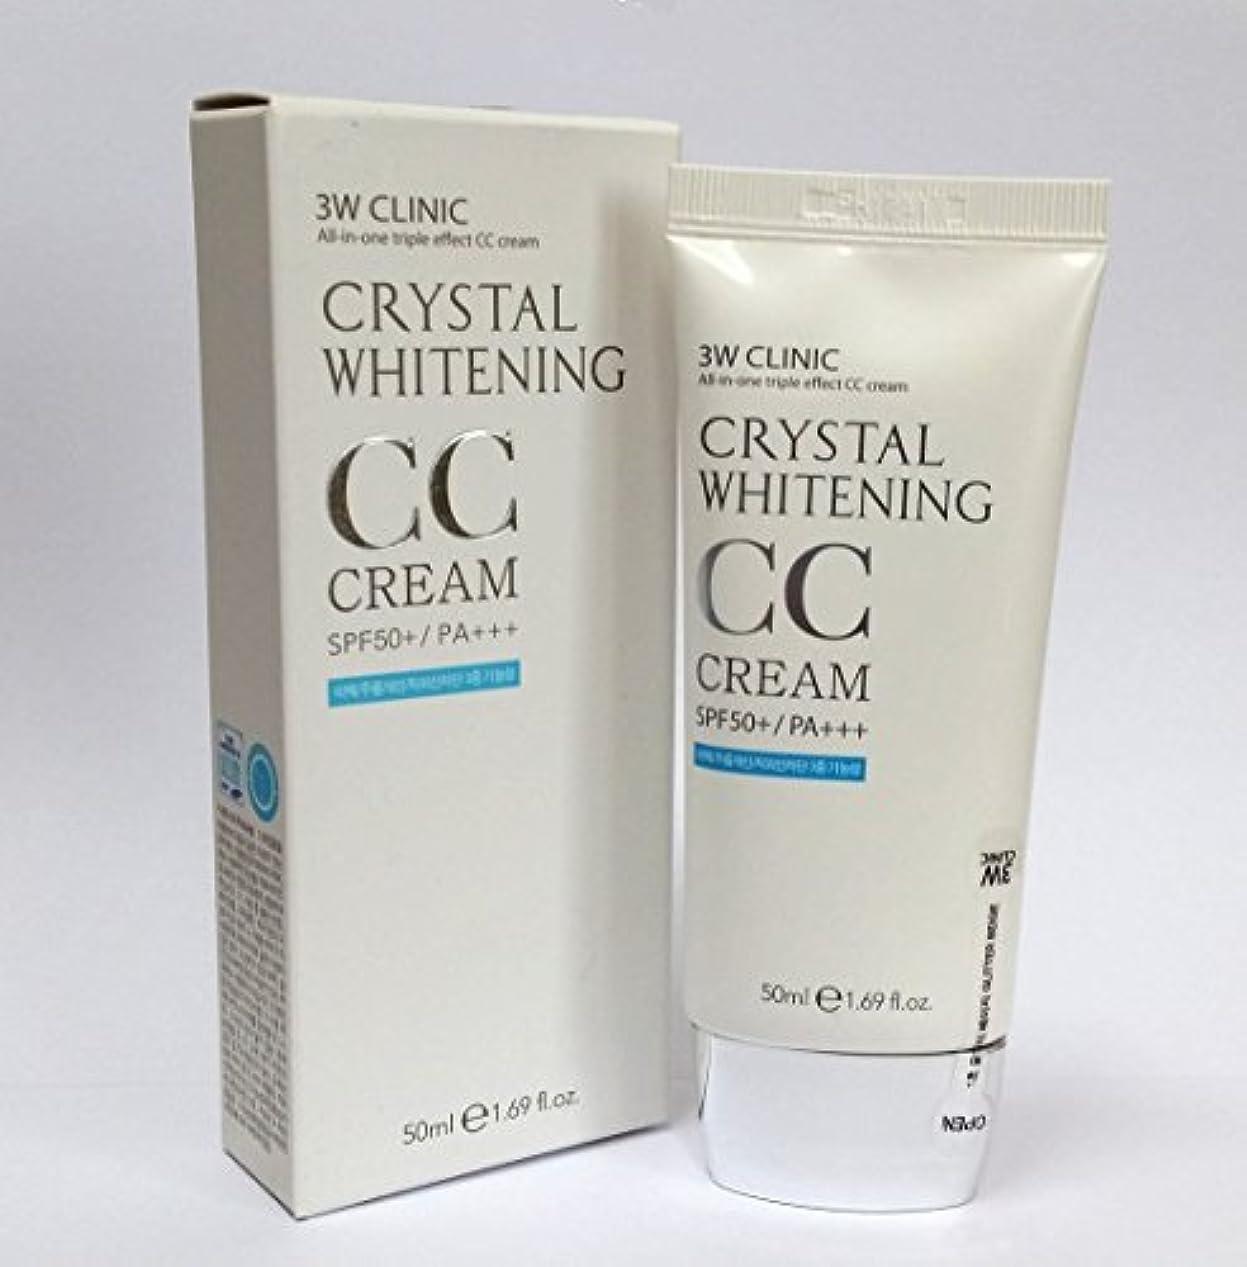 詐欺有毒な小道具[3W CLINIC] クリスタルホワイトニングCCクリーム50ml SPF50 PA +++ / #02 Natural Beige / Crystal Whitening CC Cream 50ml SPF50 PA...